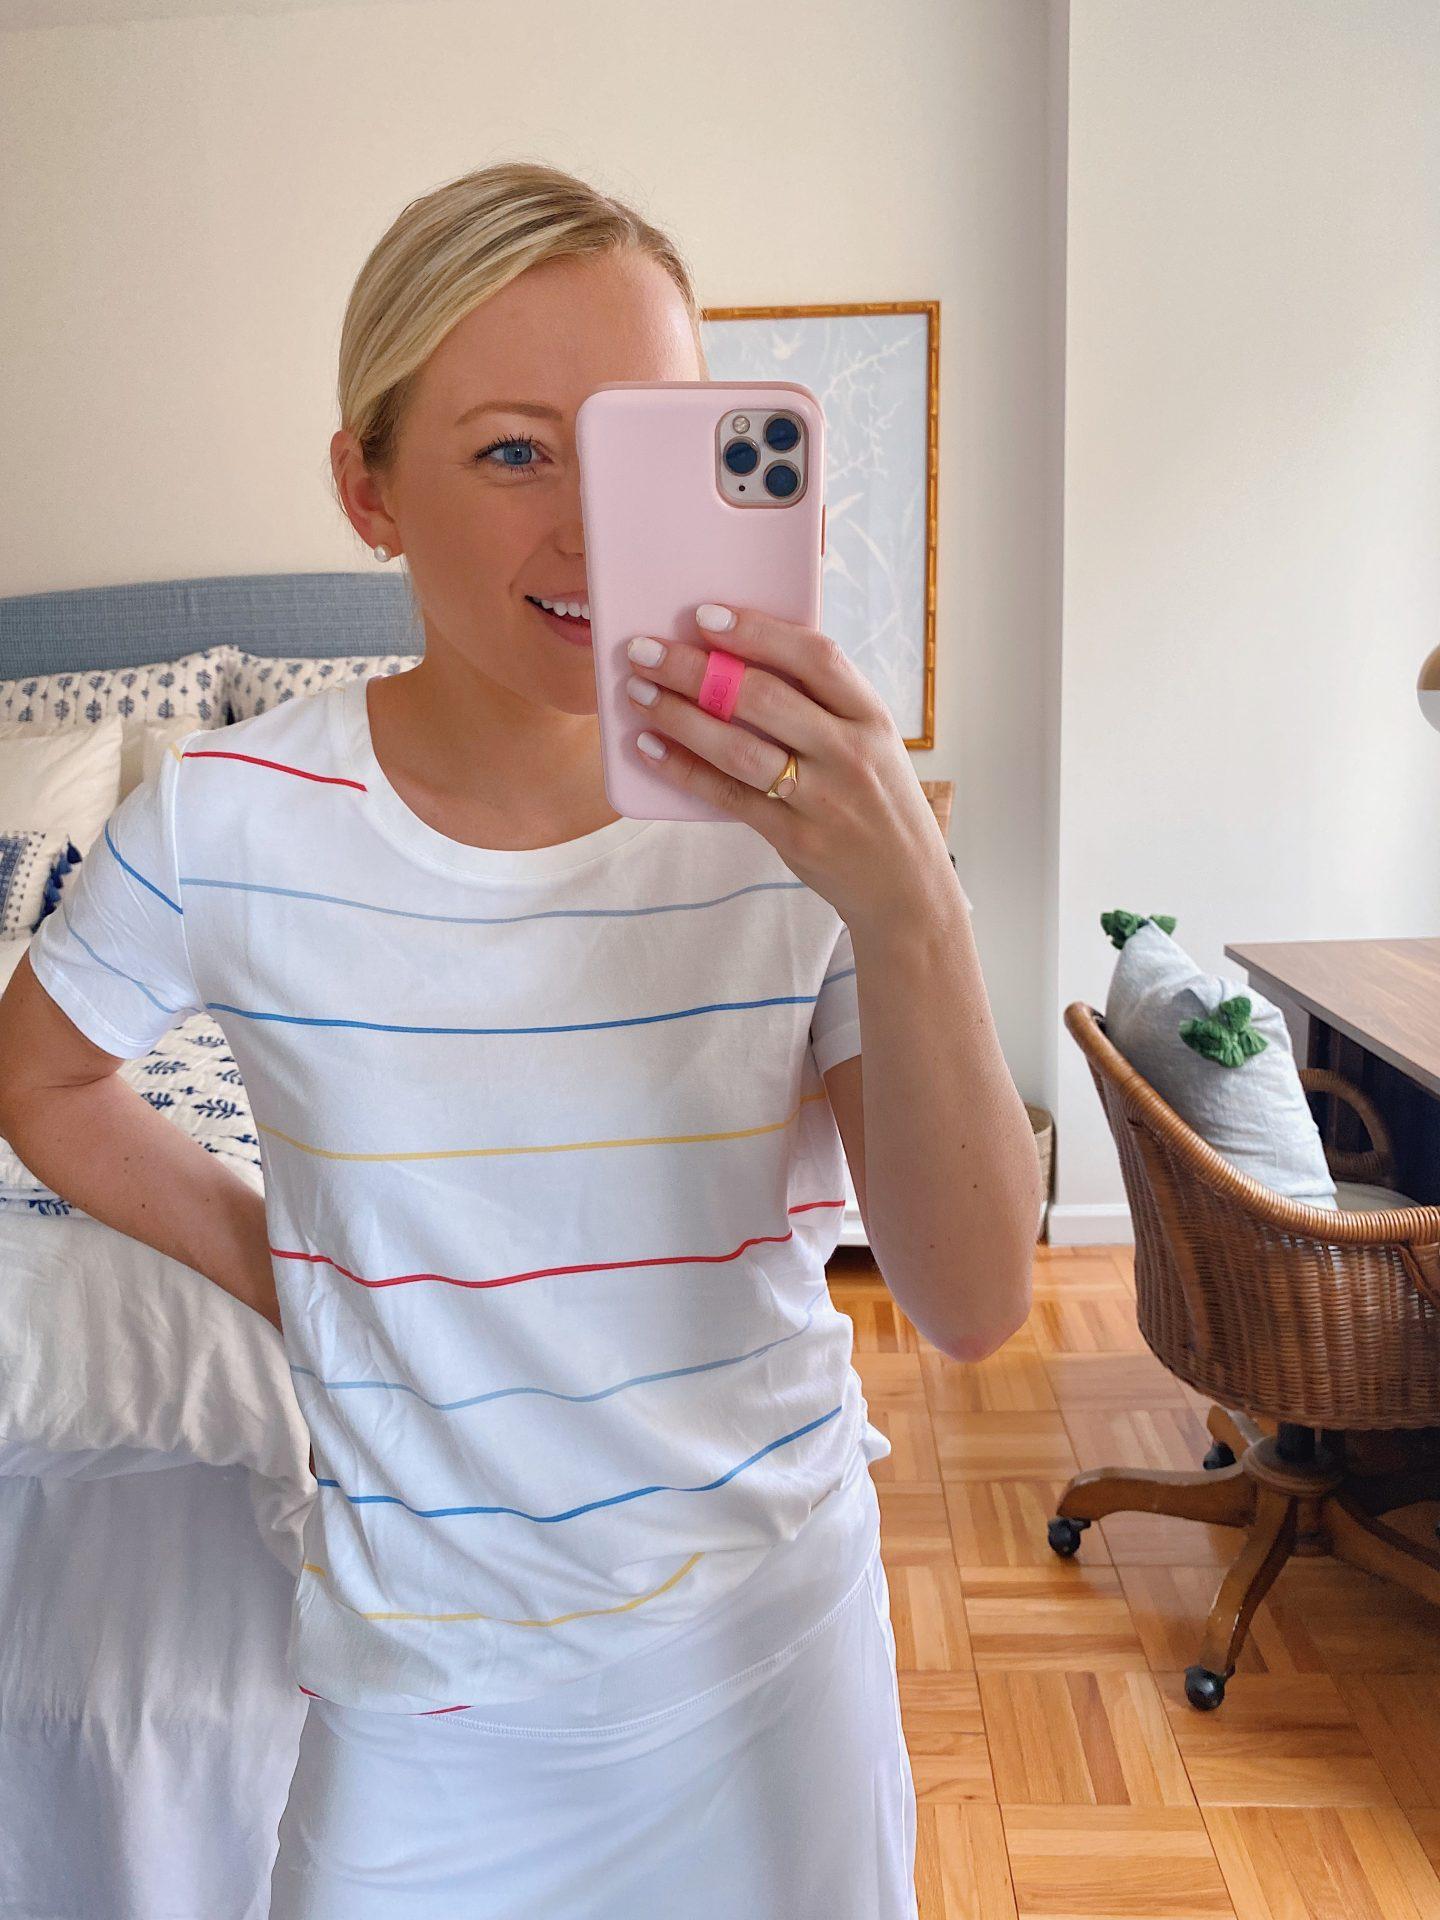 Amazon Prime Day 2021 fashion picks